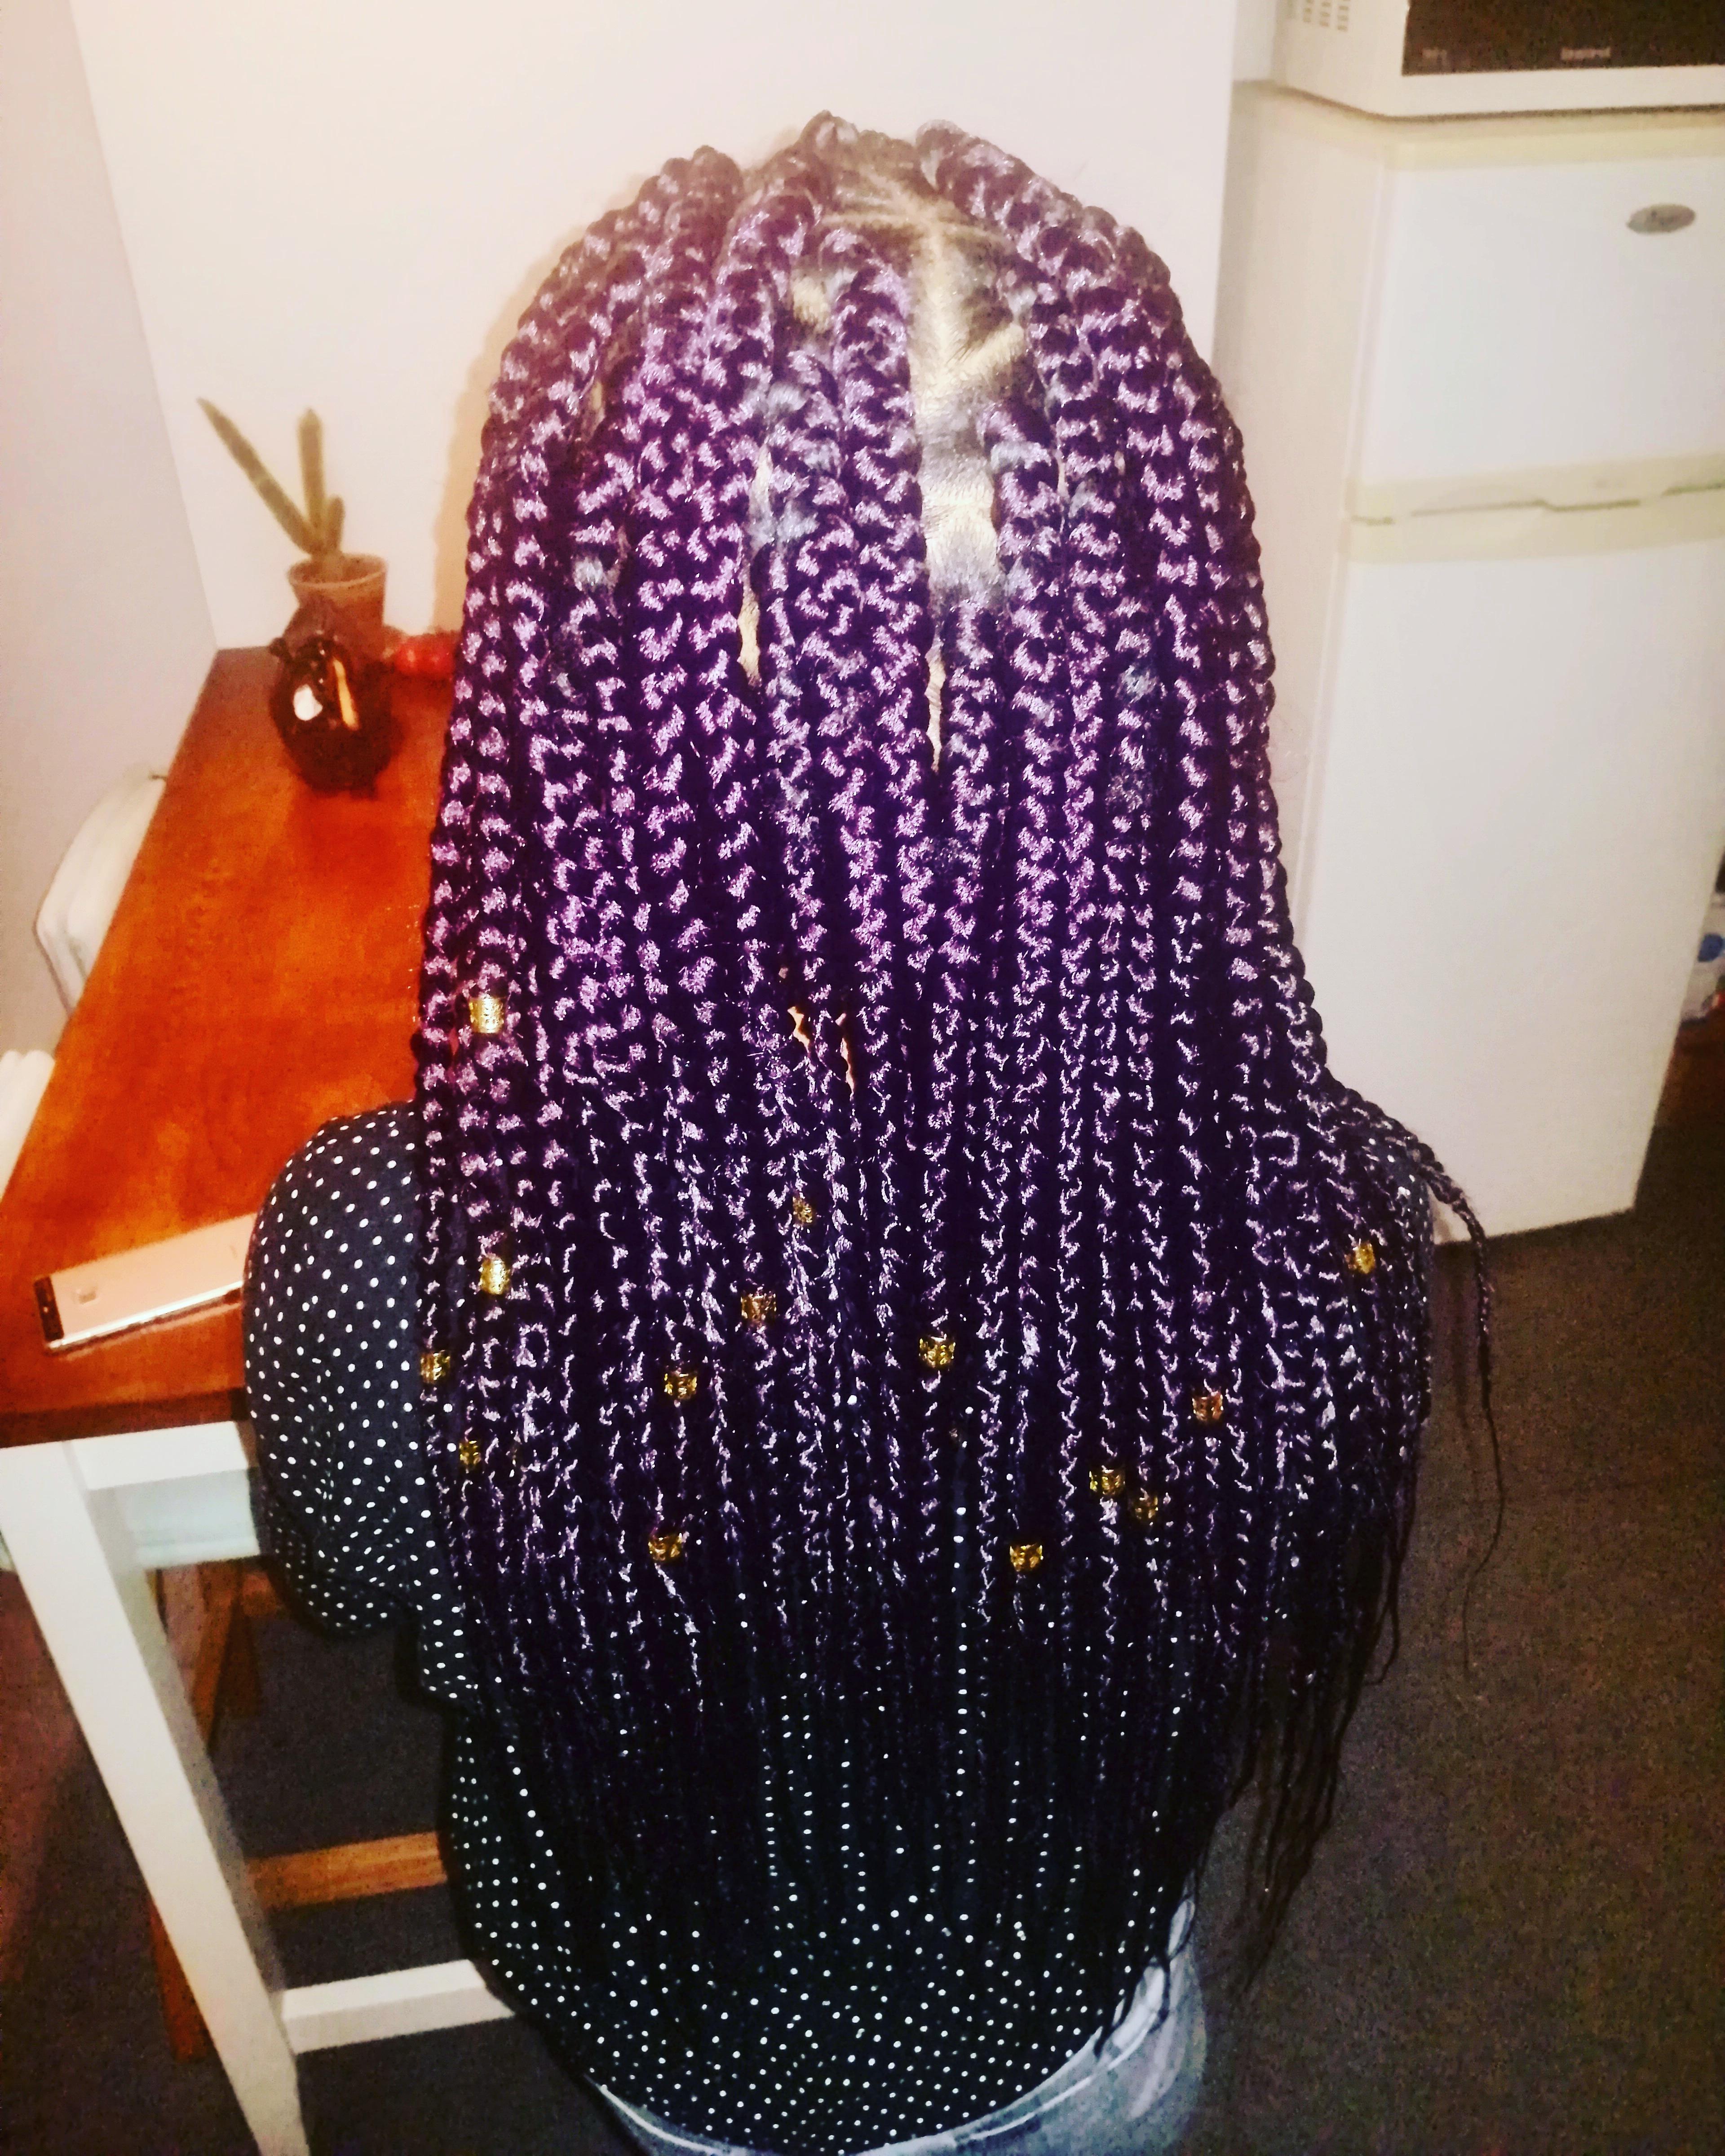 salon de coiffure afro tresse tresses box braids crochet braids vanilles tissages paris 75 77 78 91 92 93 94 95 IGTIOJPK